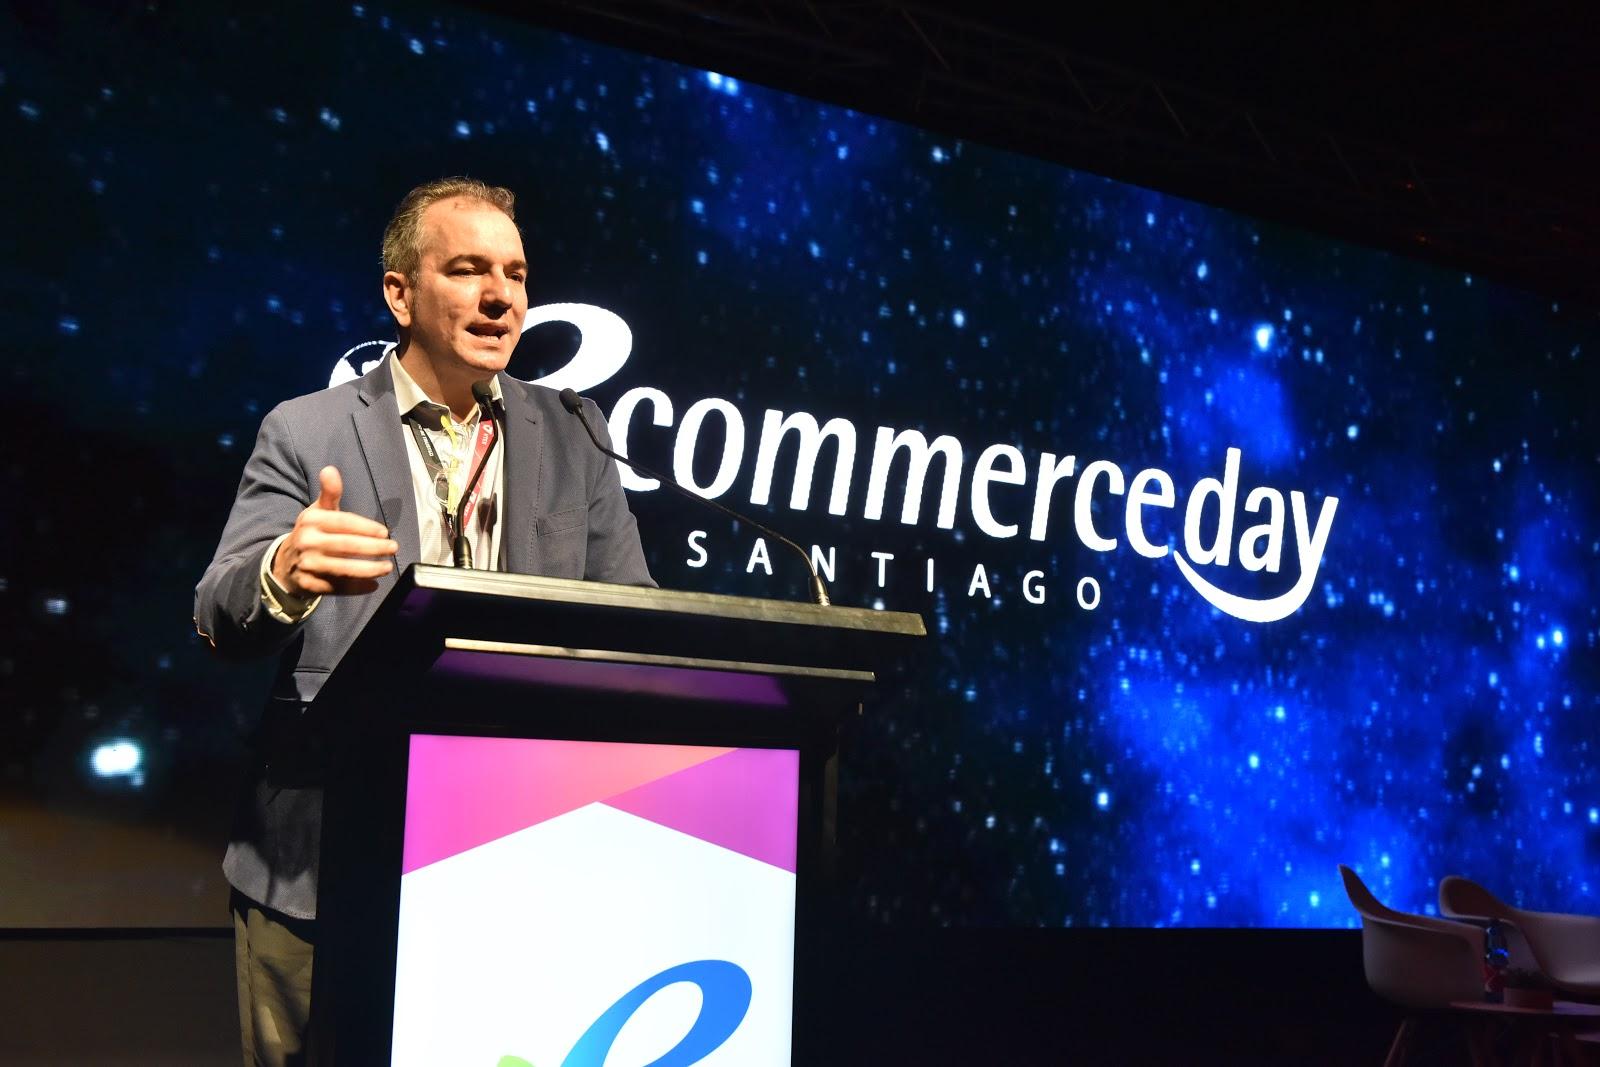 El eCommerce en Chile crece a tasas del 30% interanual